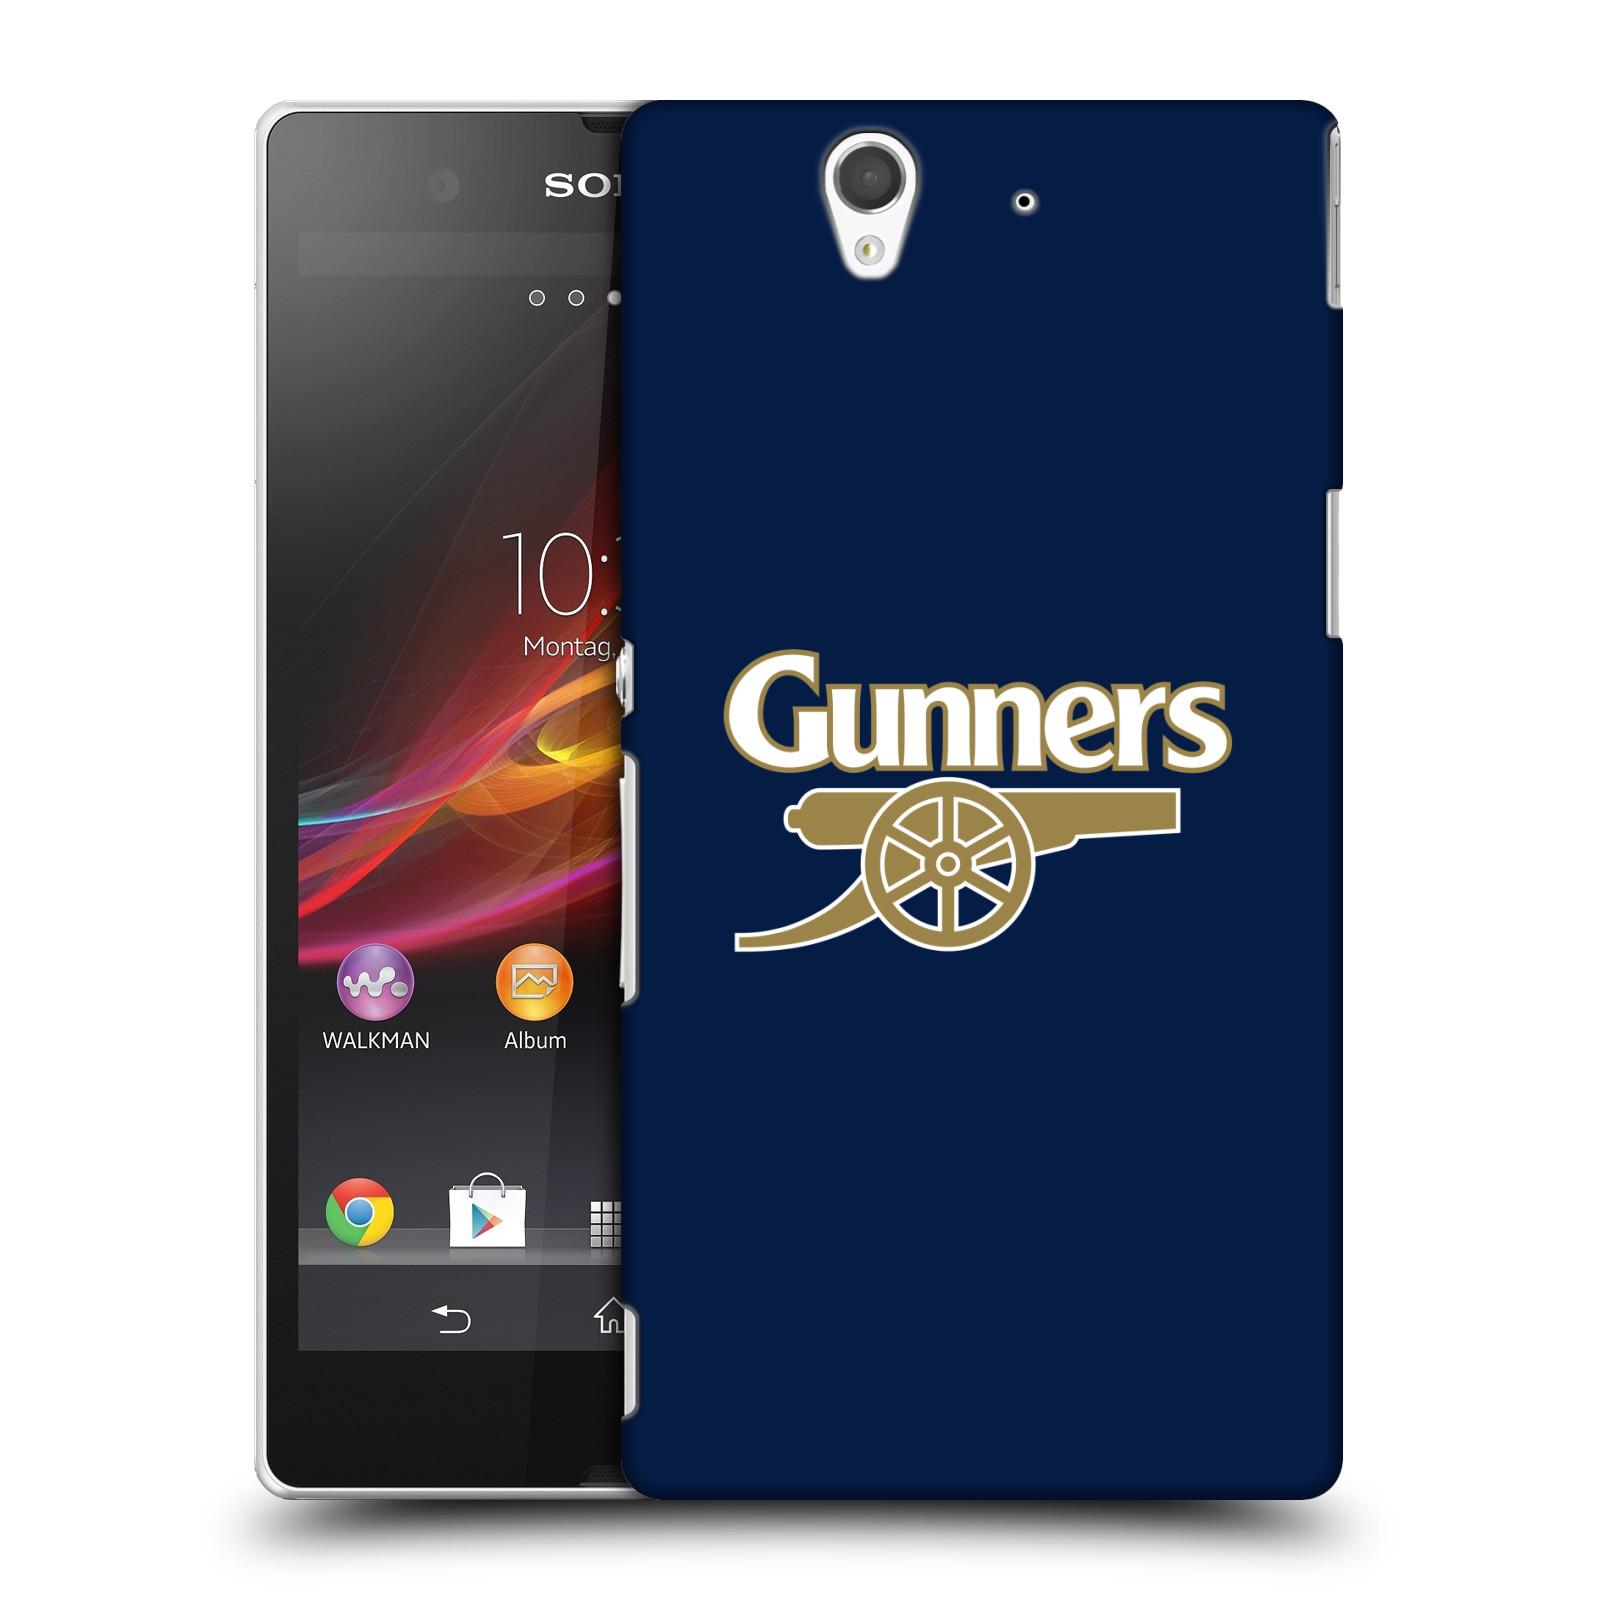 Plastové pouzdro na mobil Sony Xperia Z C6603 - Head Case - Arsenal FC - Gunners